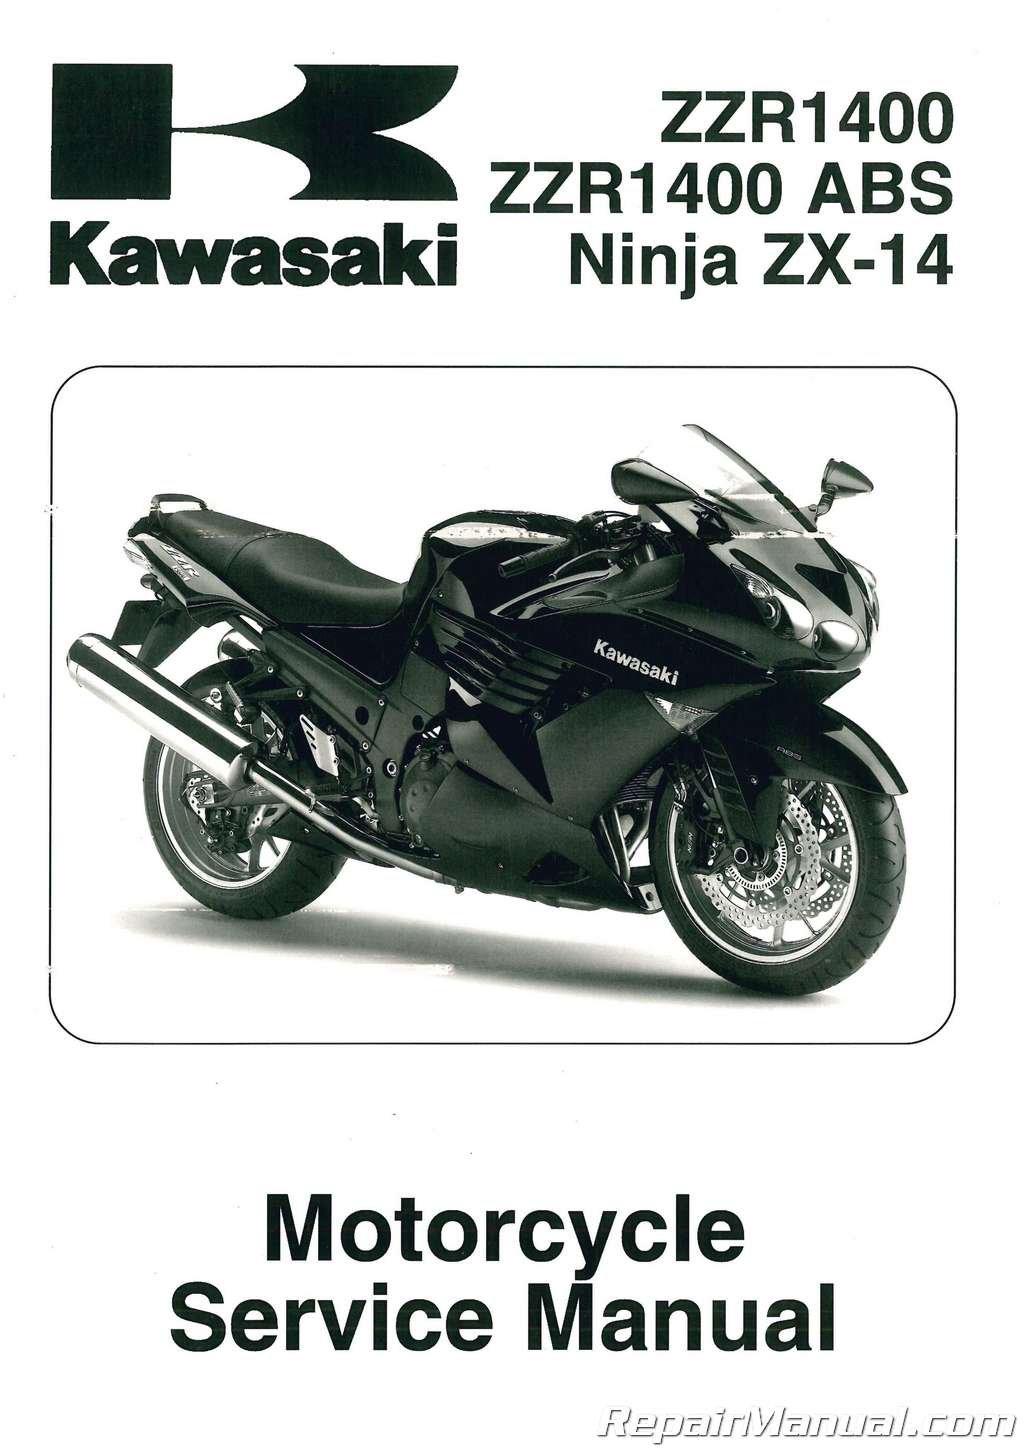 99924-1389-02 2008-2009 Kawasaki Ninja ZX1400C Service ...